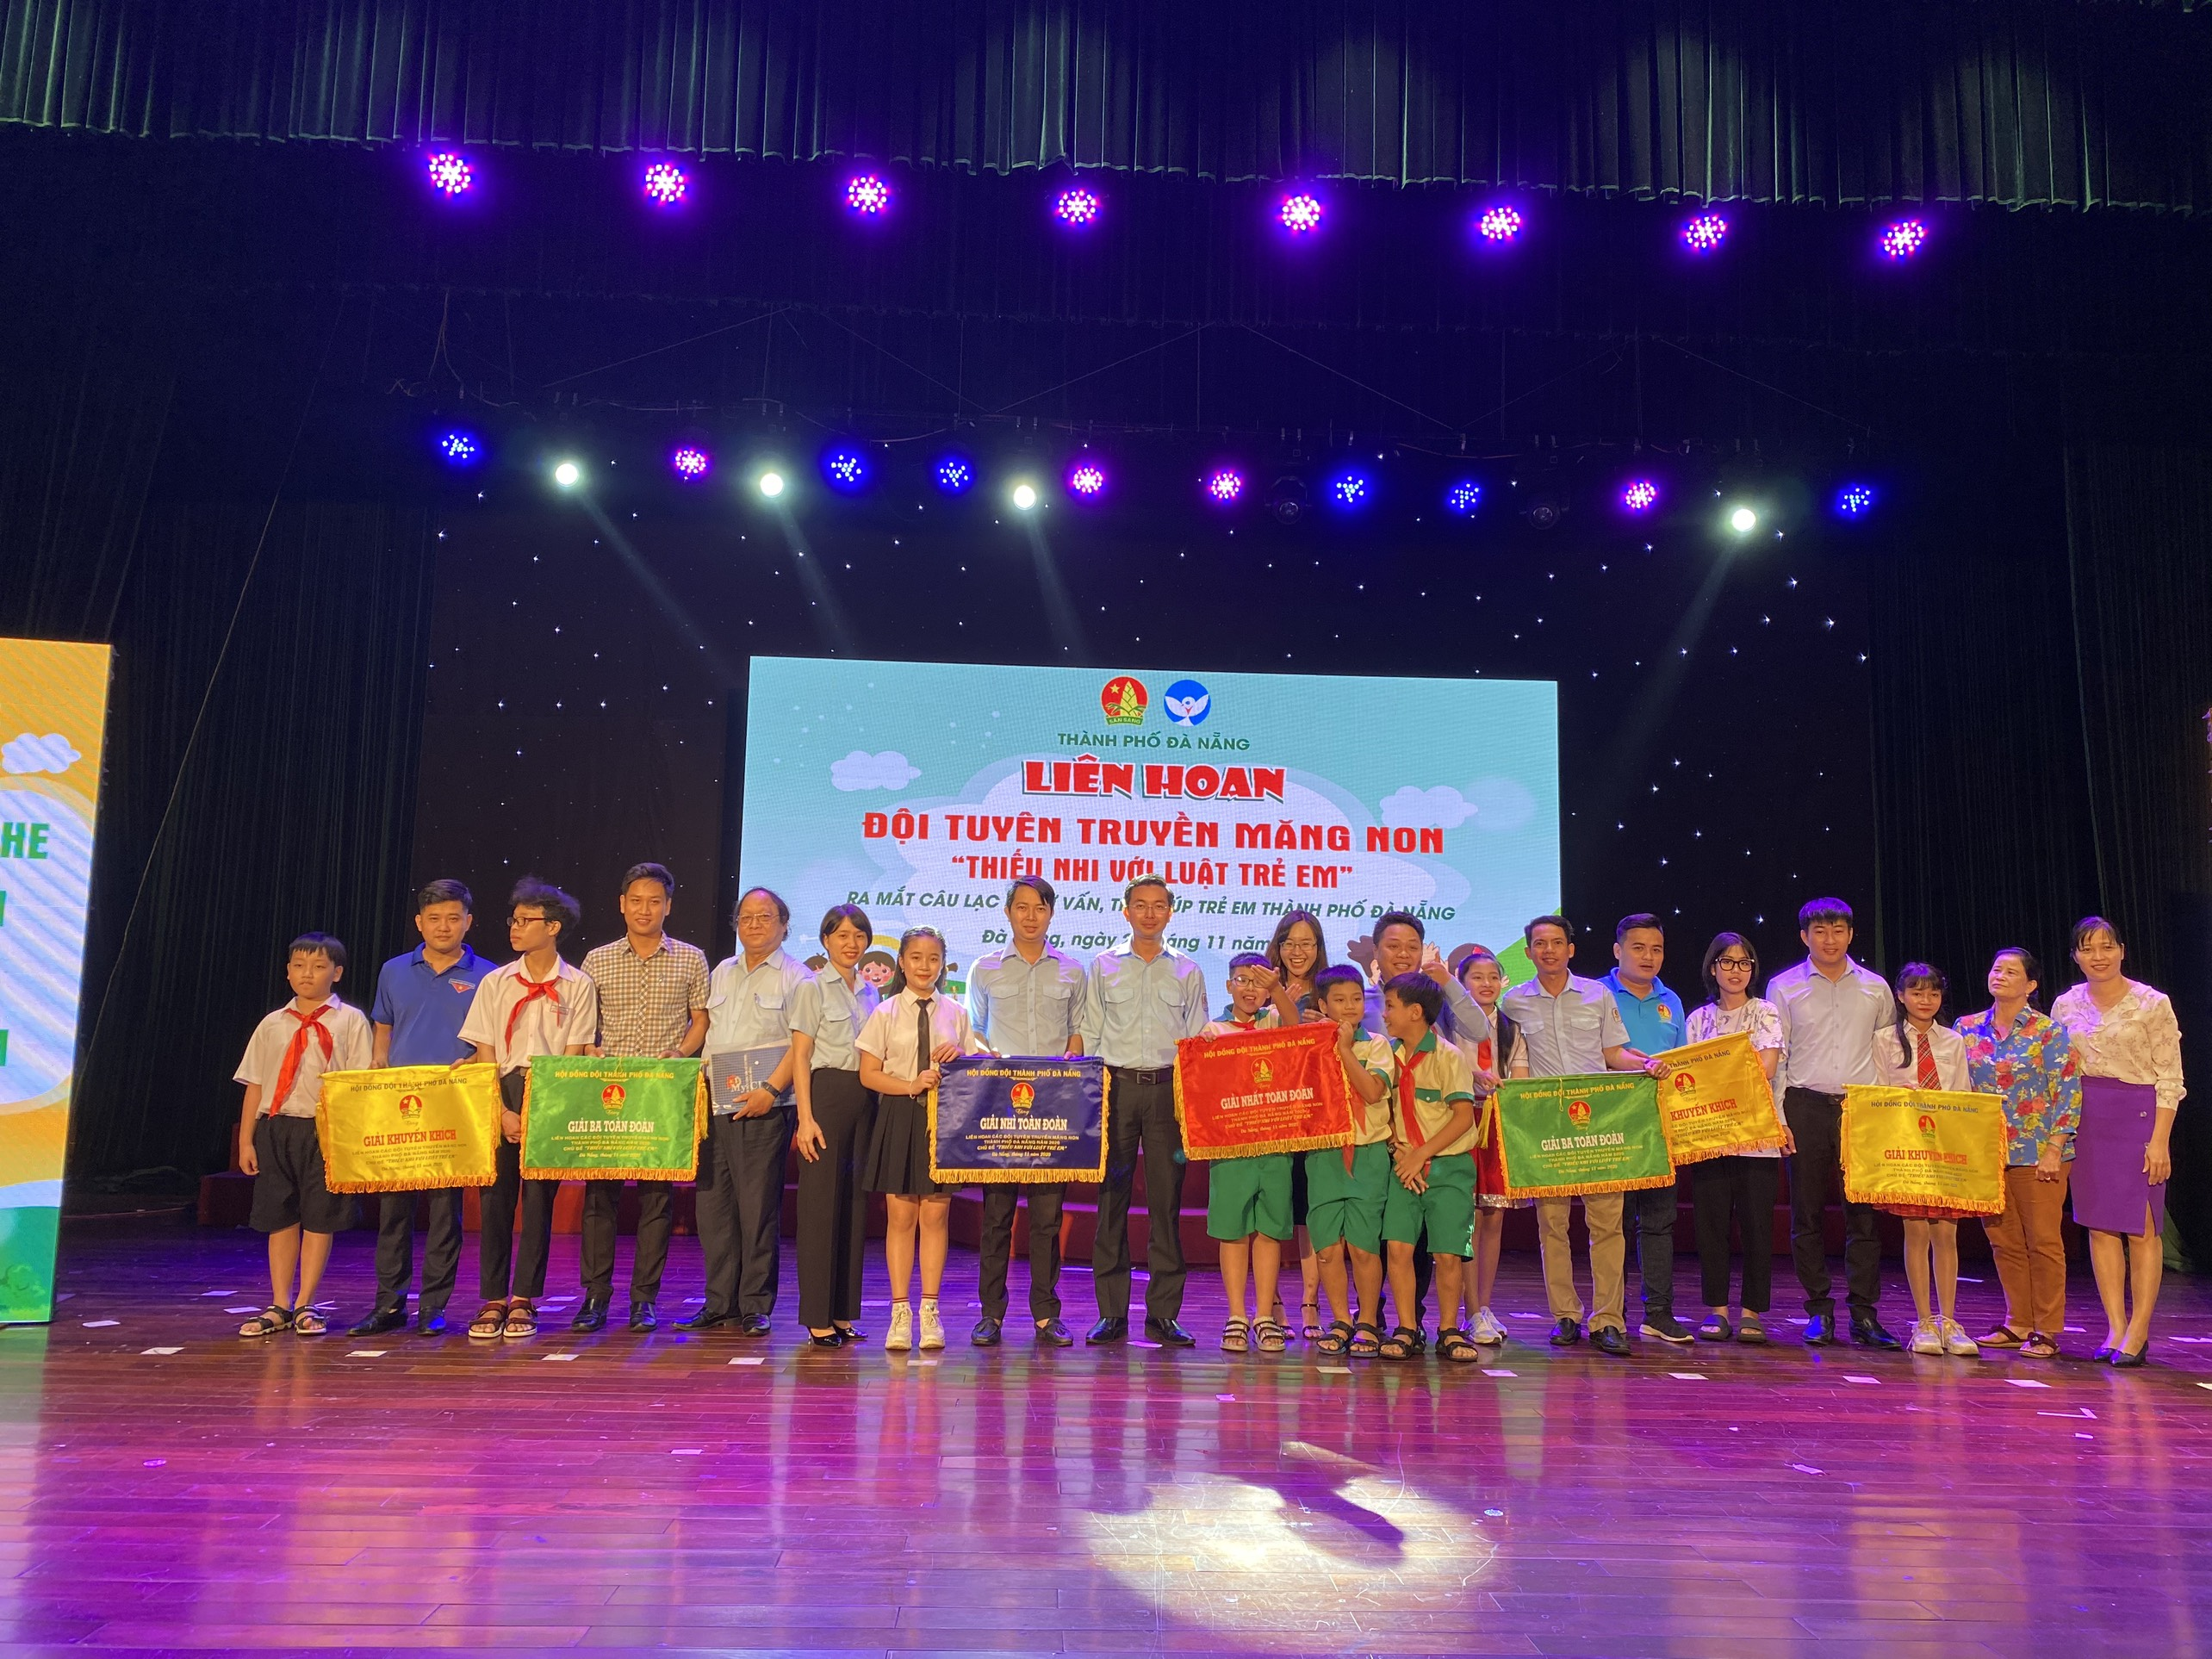 """Hội đồng Đội thành phố Đà Nẵng tổ chức Liên hoan các Đội Tuyên truyền măng non với chủ đề """"Thiếu nhi với Luật trẻ em"""""""